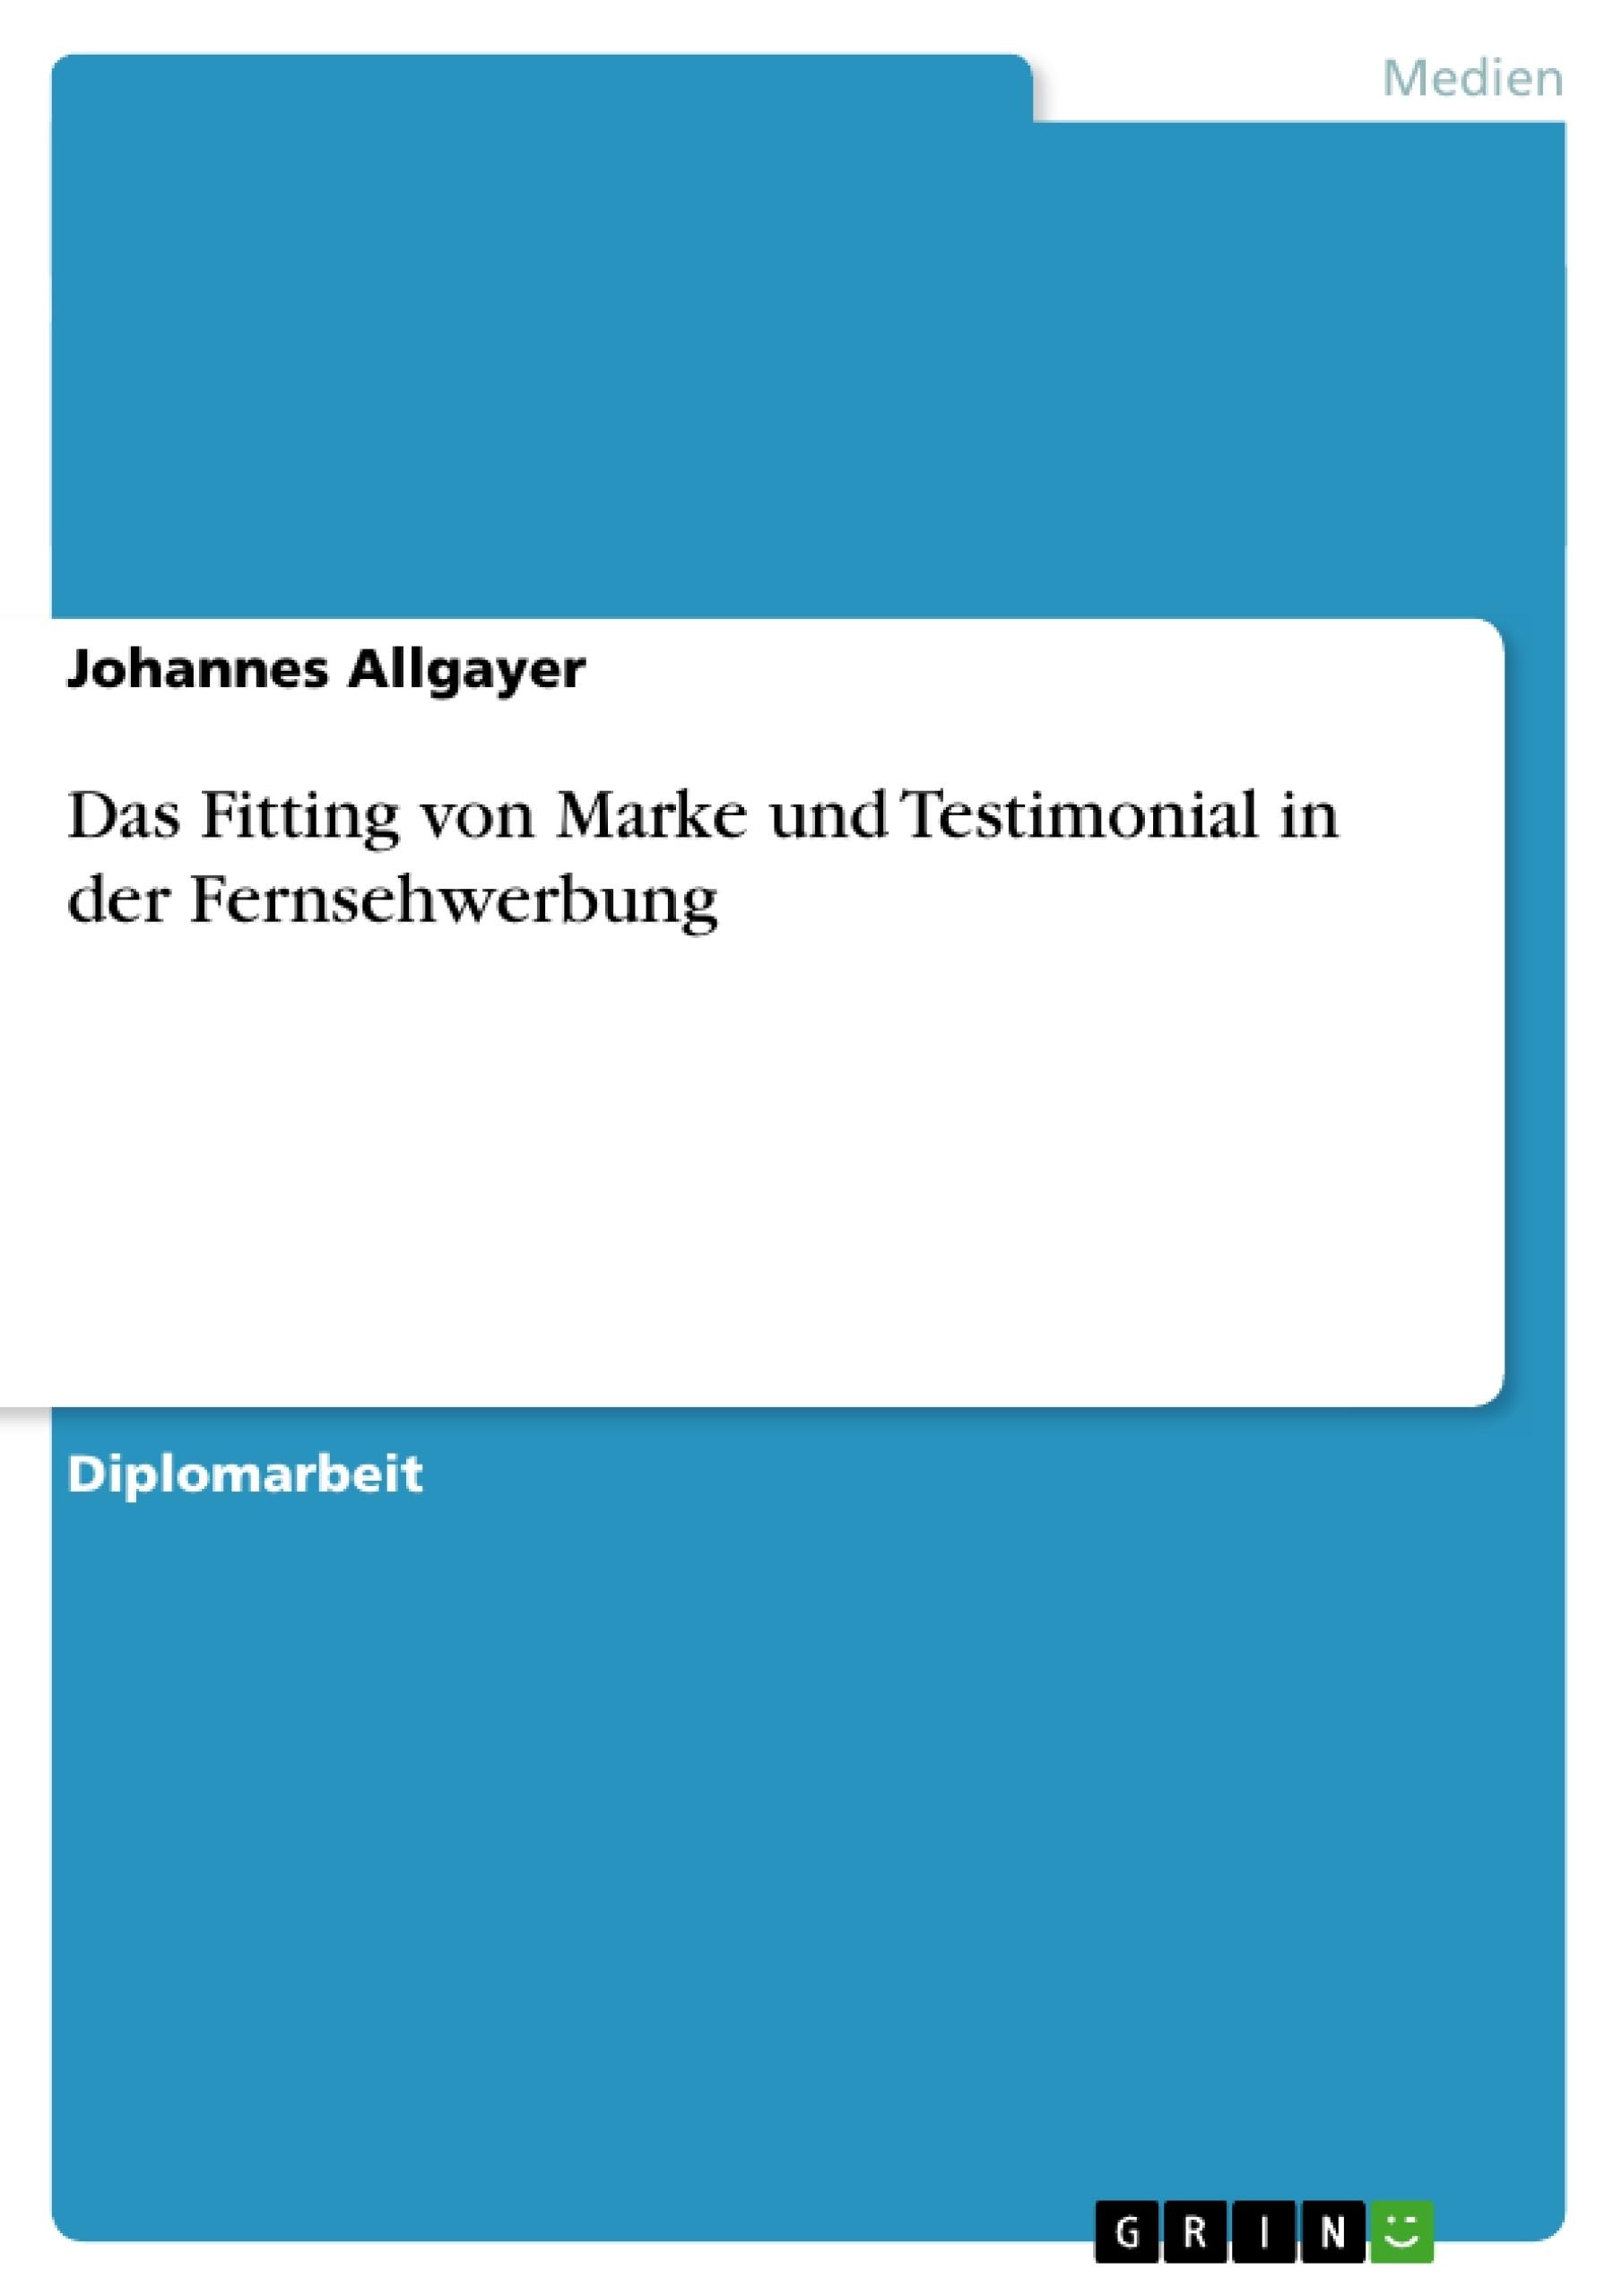 Titel: Das Fitting von Marke und Testimonial in der Fernsehwerbung